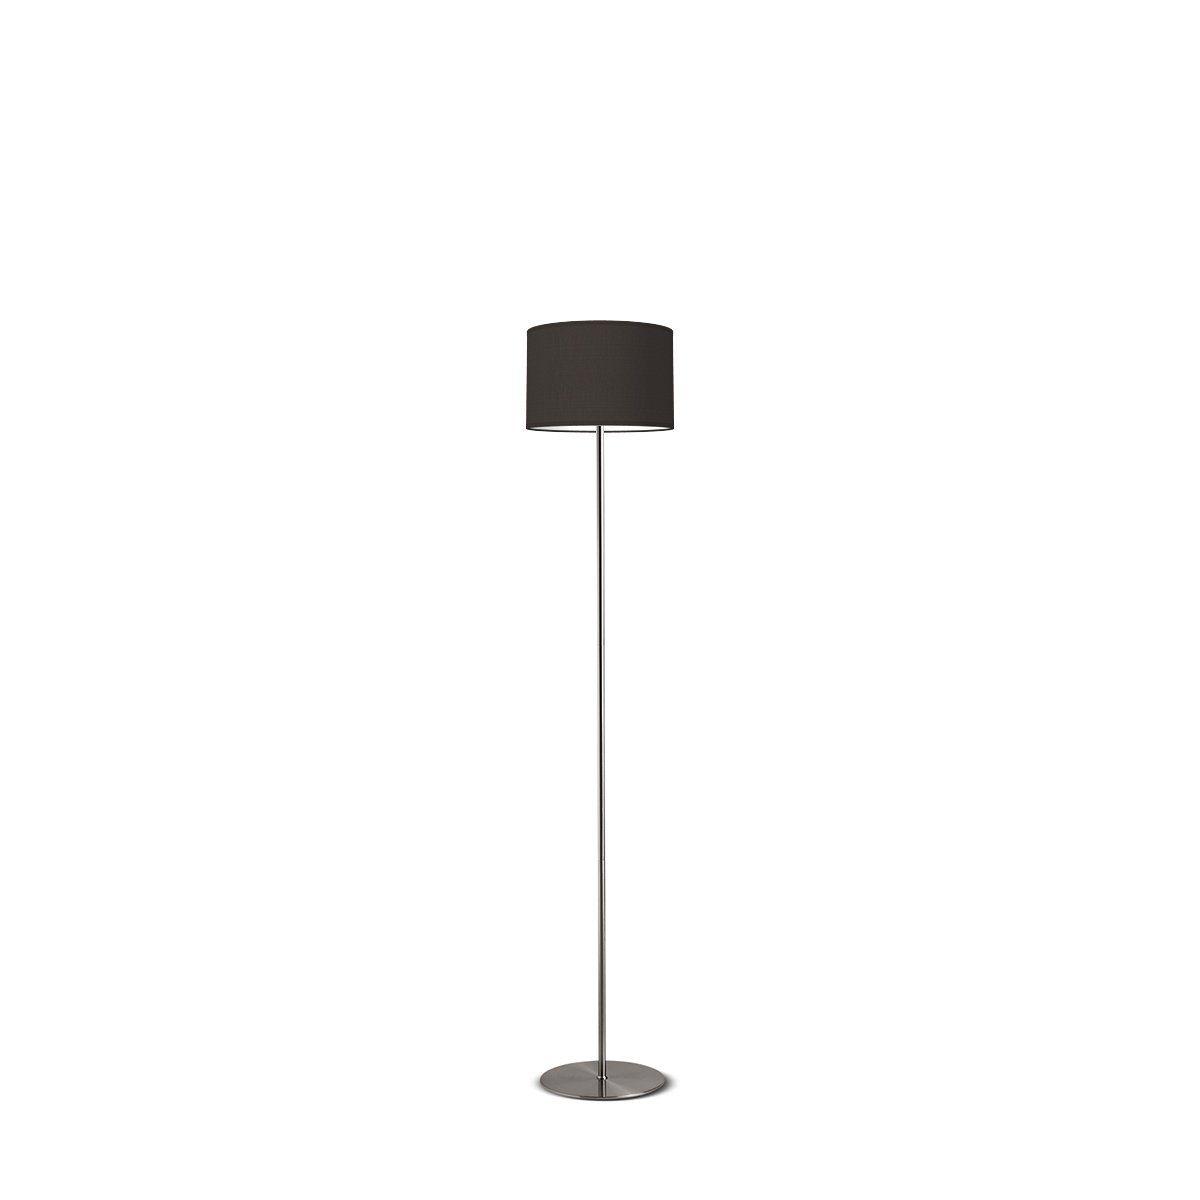 vloerlamp lift bling Ø 30 cm - zwart